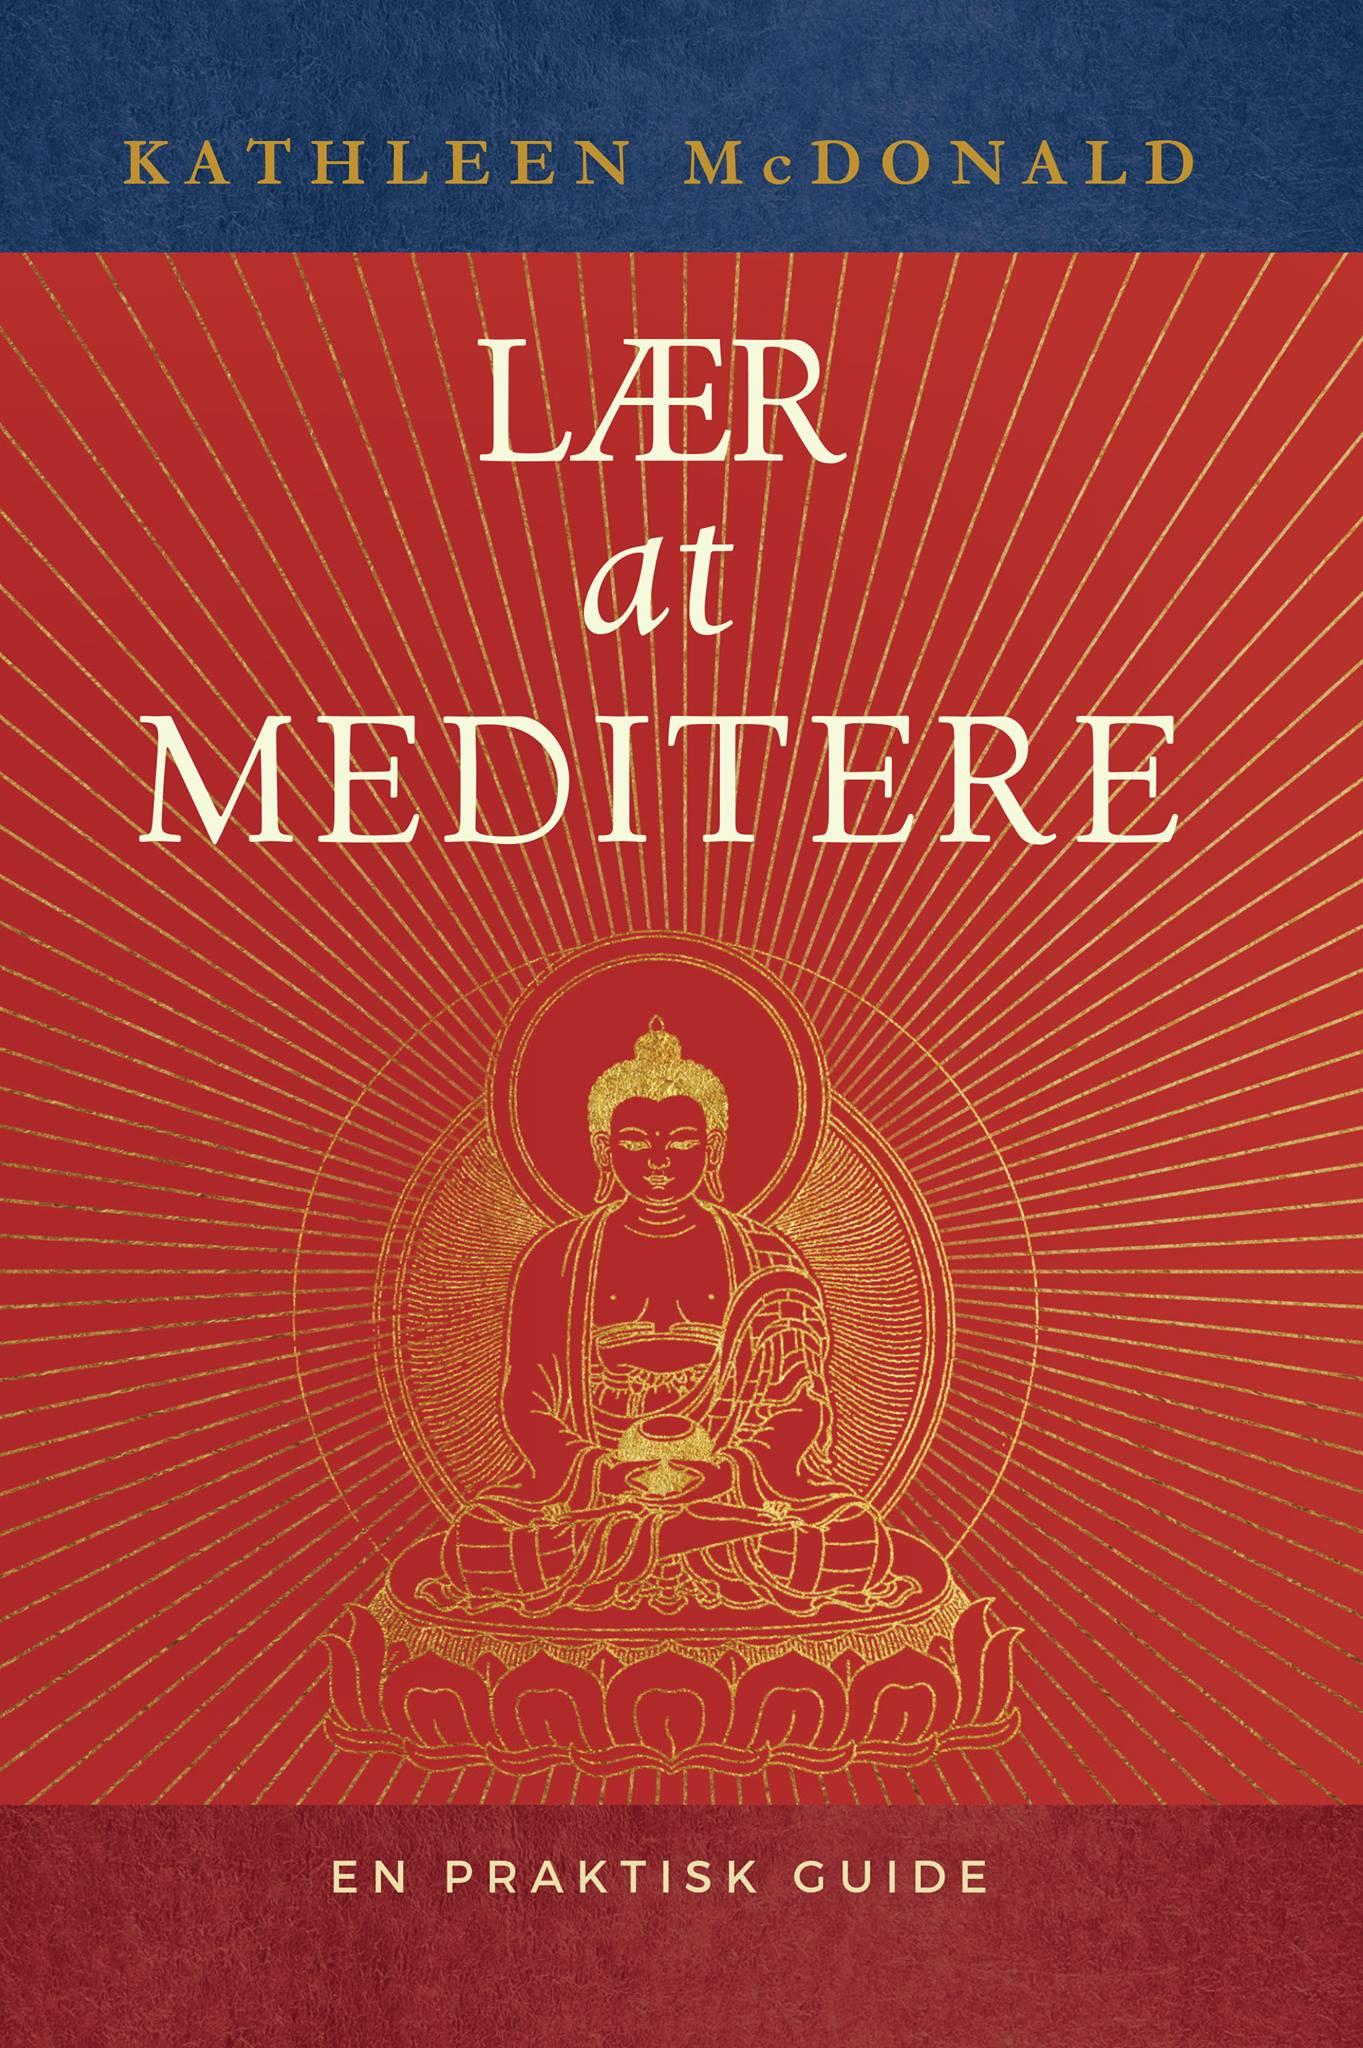 Forside_lær at meditere.jpg